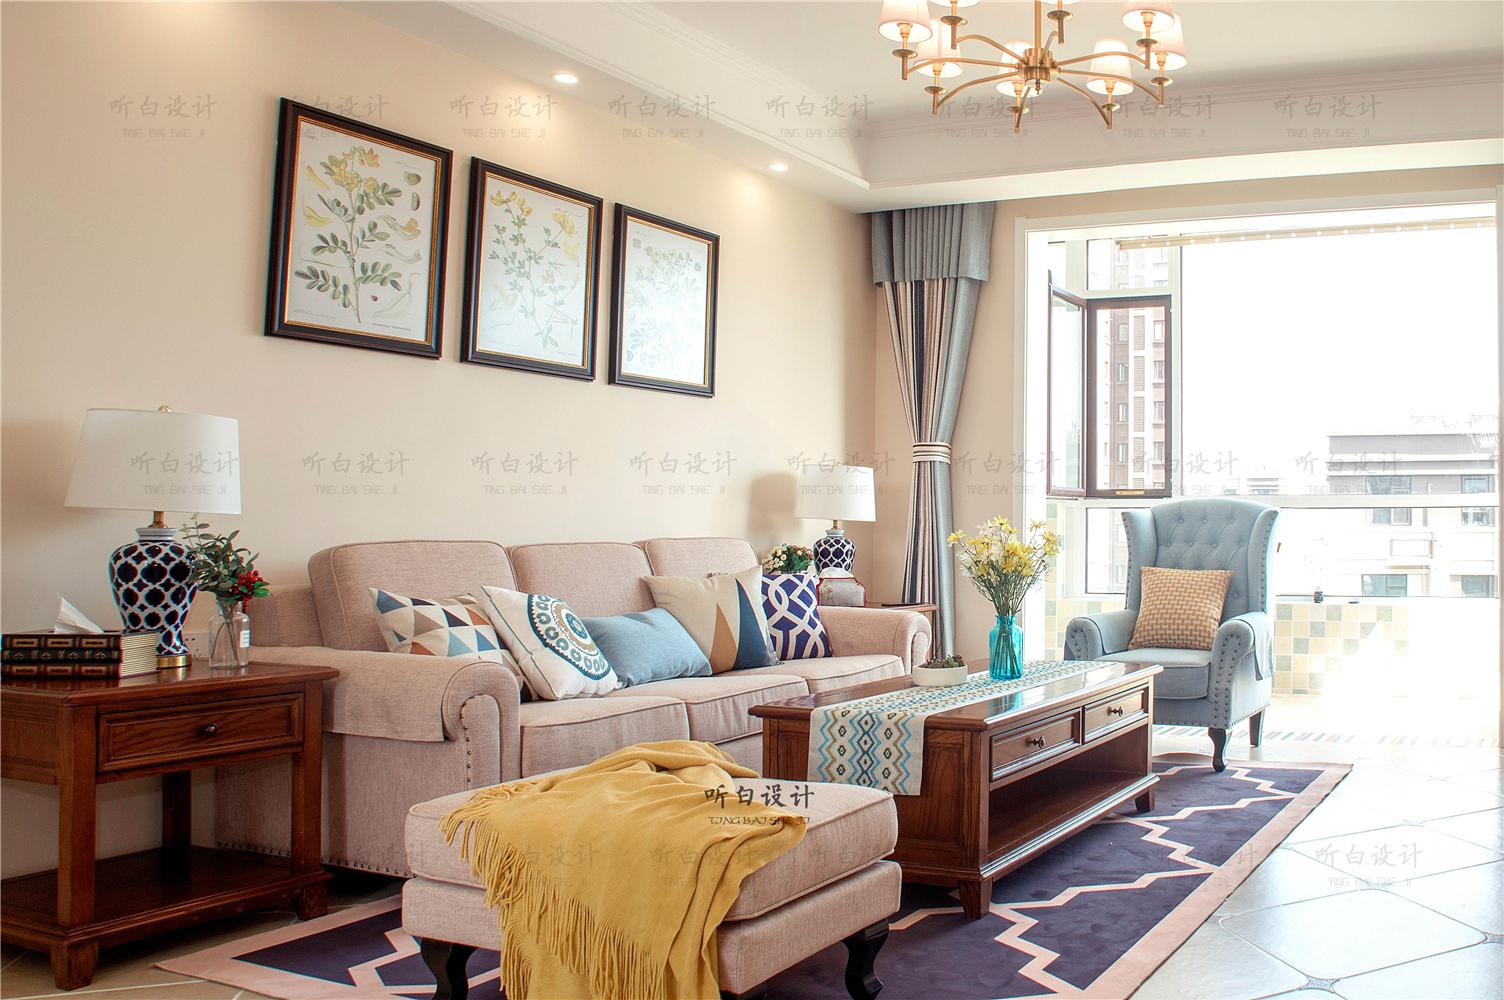 120平美式风格客厅沙发墙装修效果图